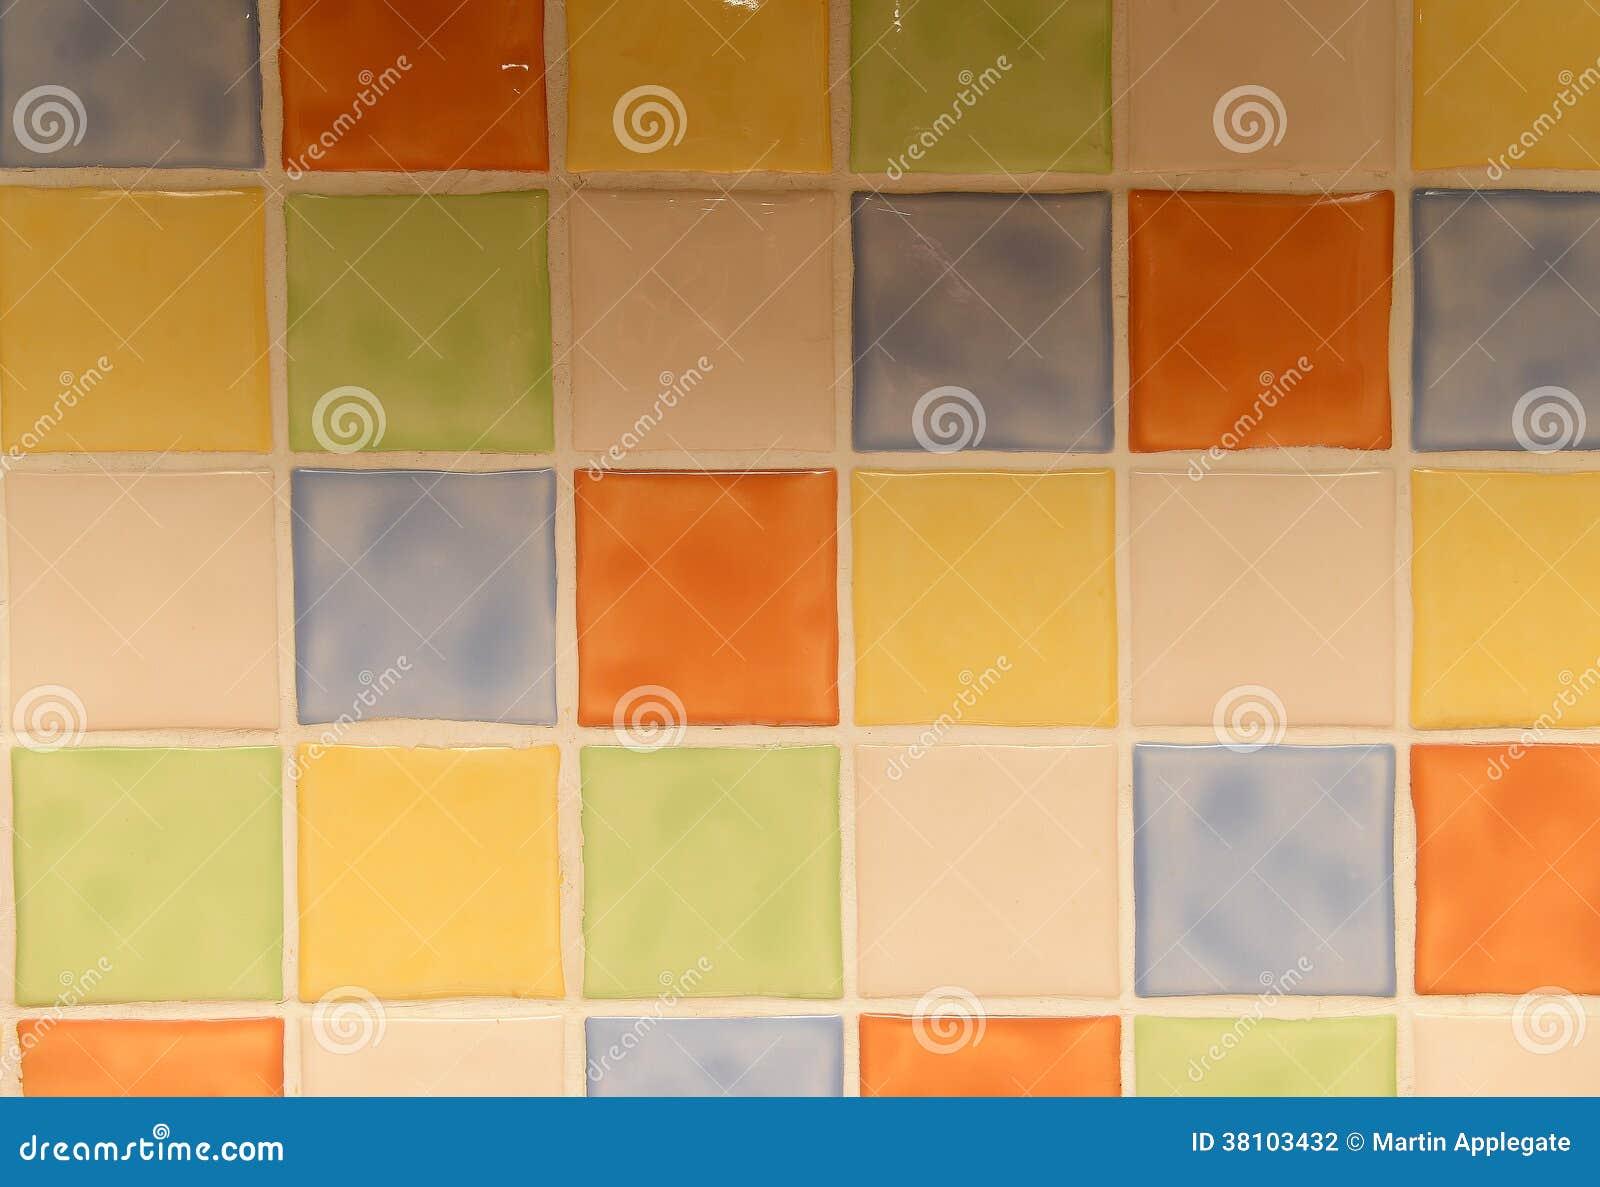 keukentegels met afbeeldingen : Kleurrijke Keukentegels Stock Foto Afbeelding Bestaande Uit